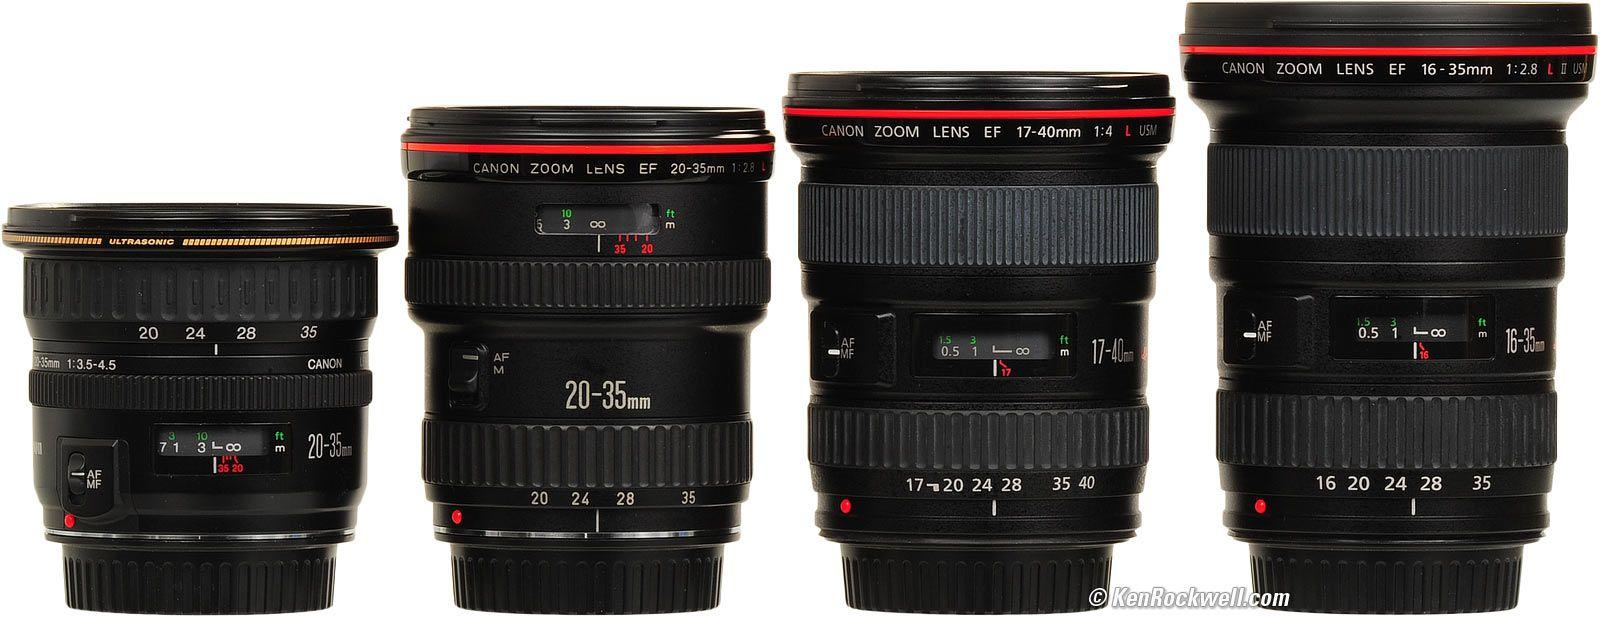 Pin On Canon 5d Mark Ii